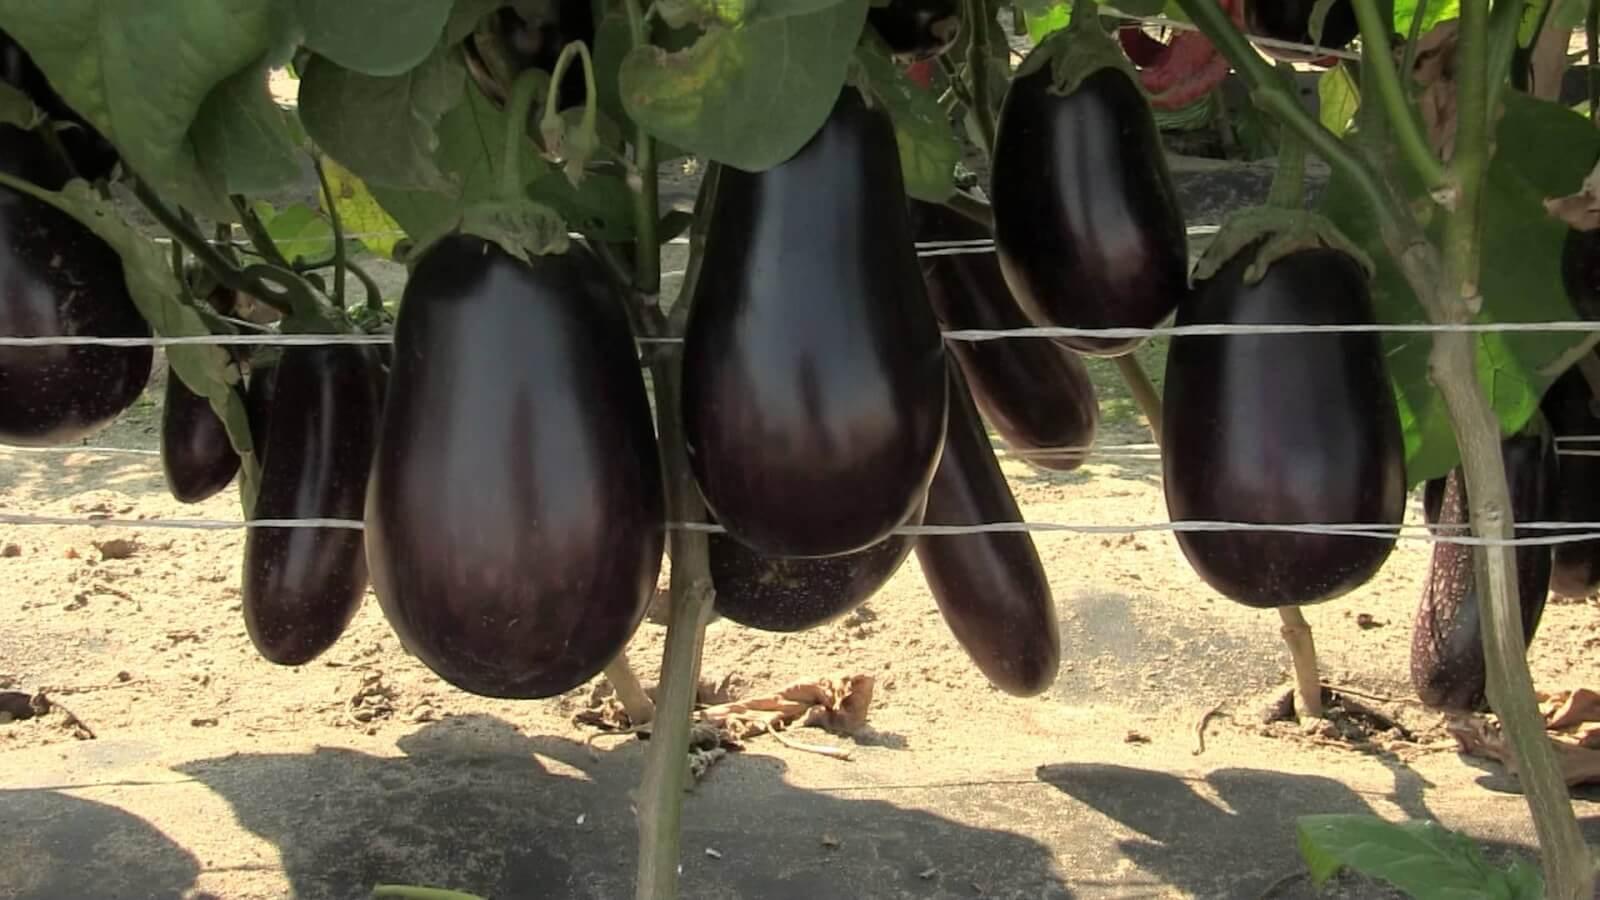 Формирование баклажан в теплице: полезные характеристики и вред овоща